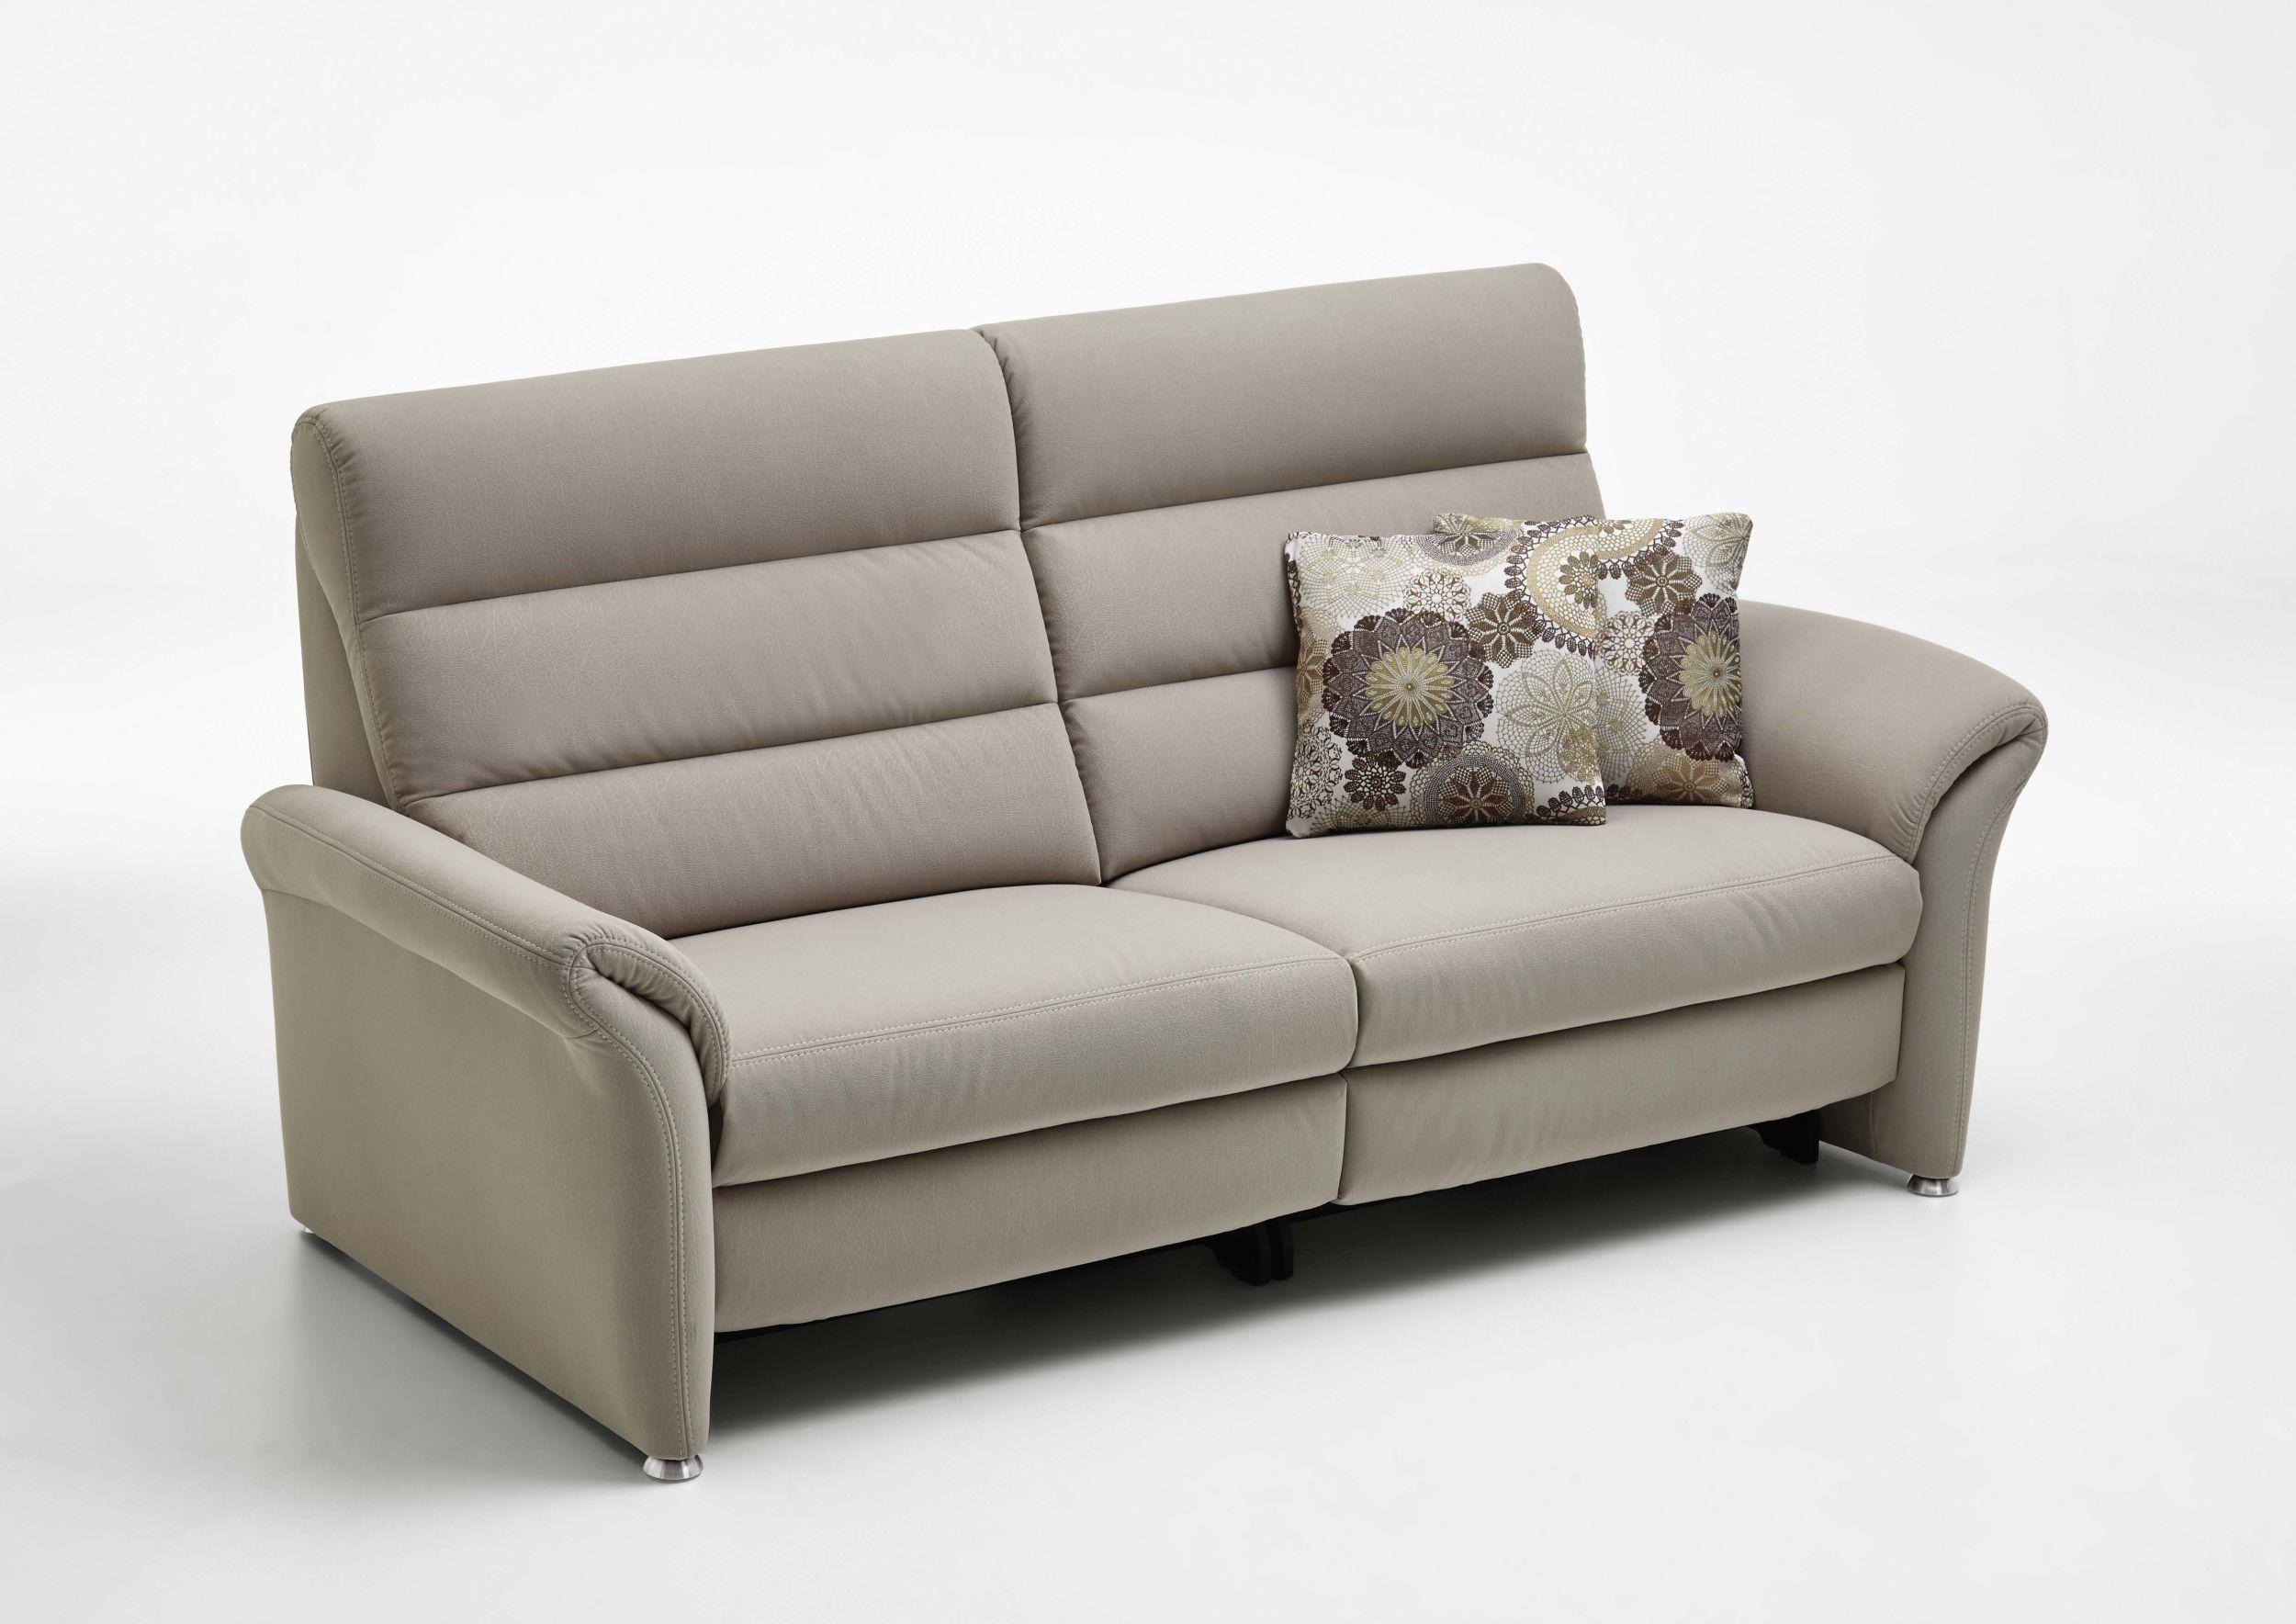 3 sitzer sofa mit kopfpolsterverstellung m belhaus pohl wilhelmshaven friesland. Black Bedroom Furniture Sets. Home Design Ideas